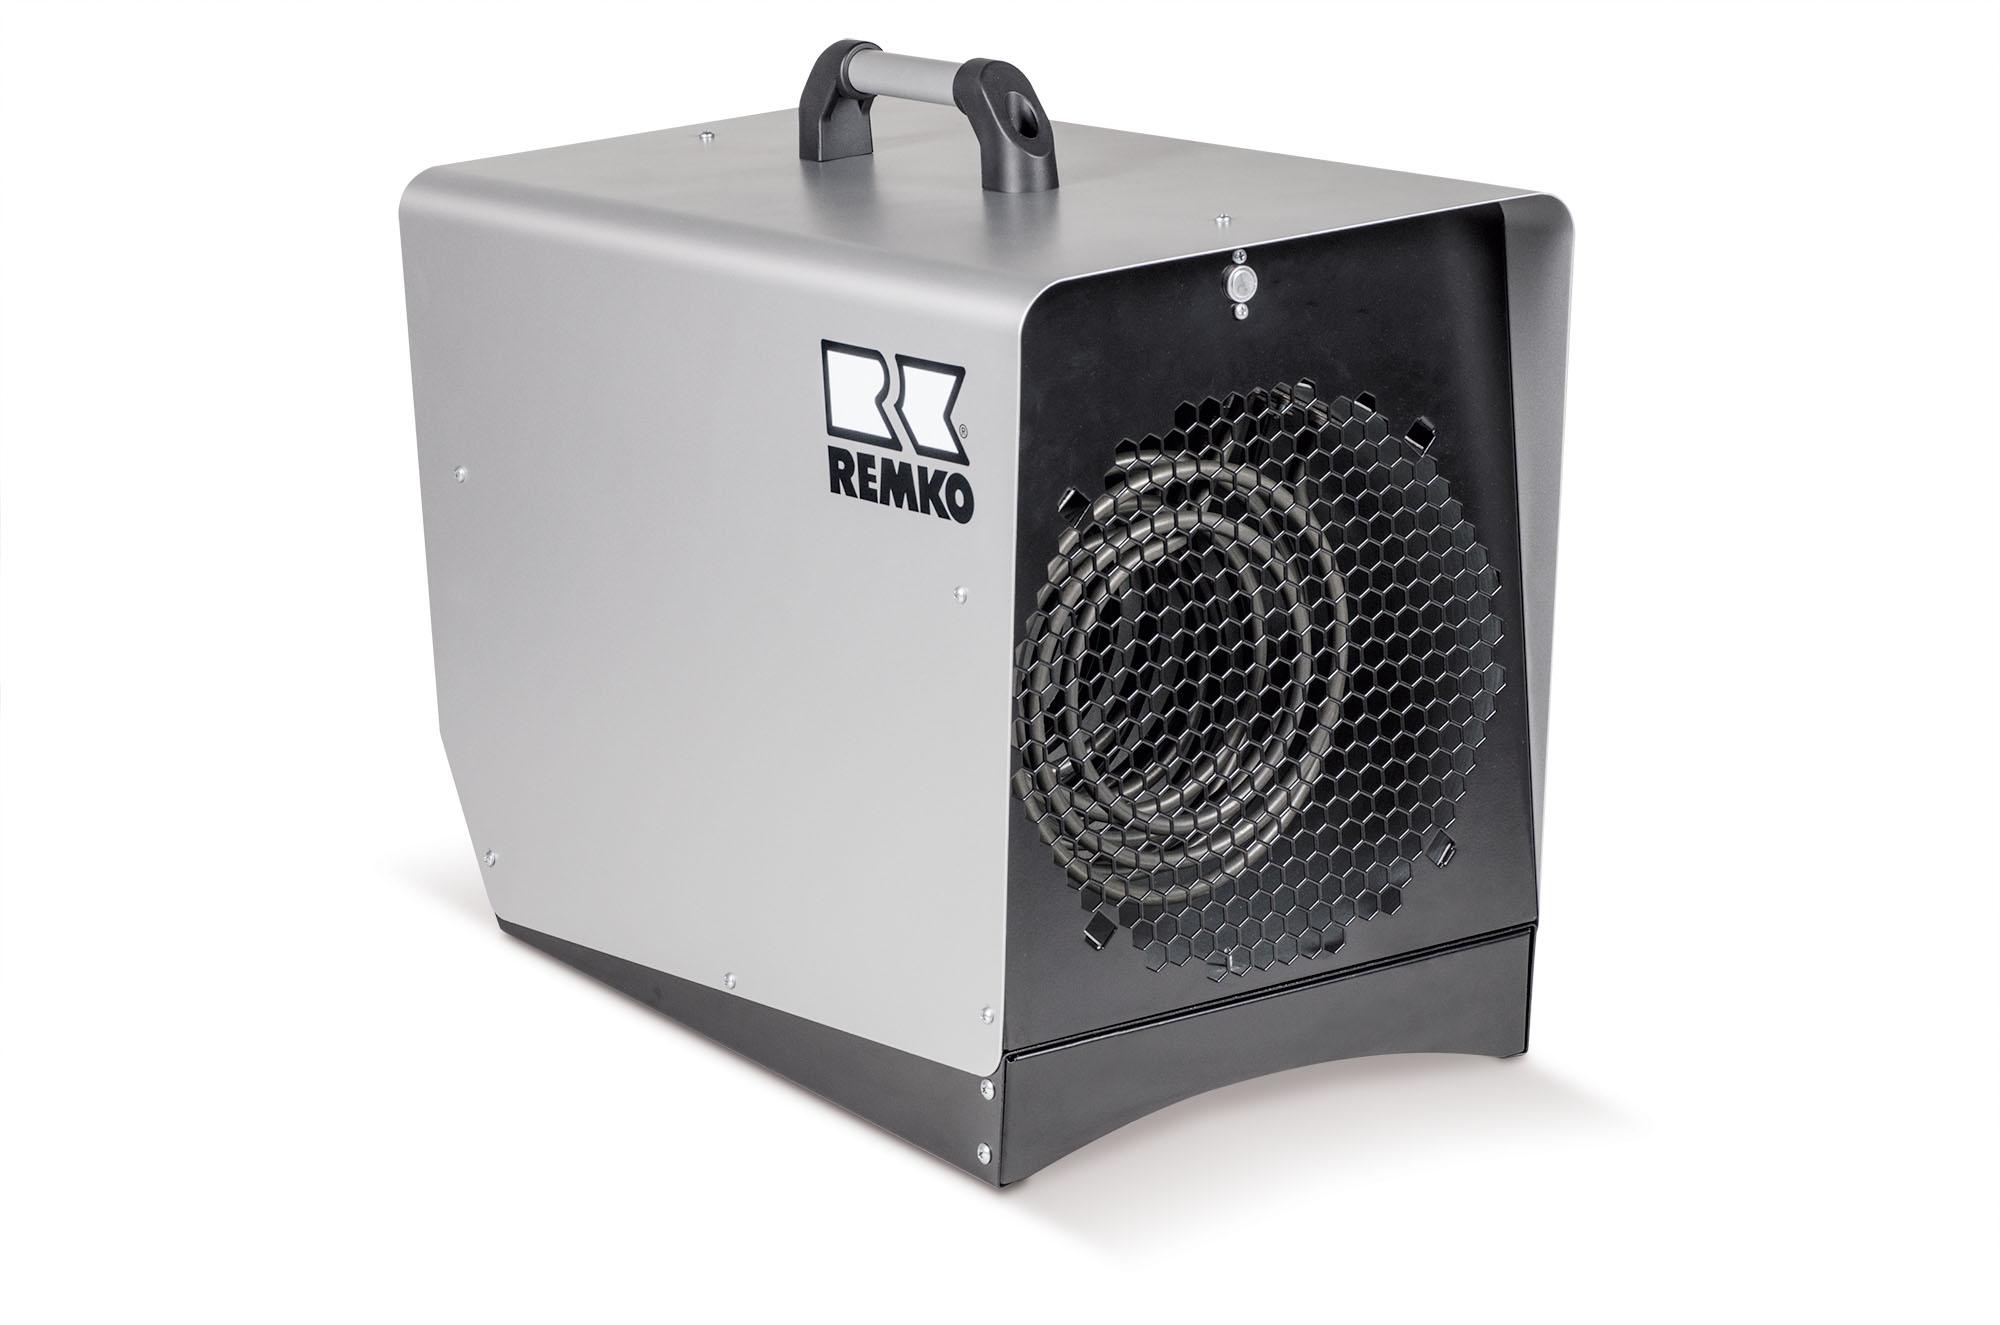 REMKO EM 2000 Mobiler Elektro Heizautomat - Schnelle Wärme aus der Steckdose